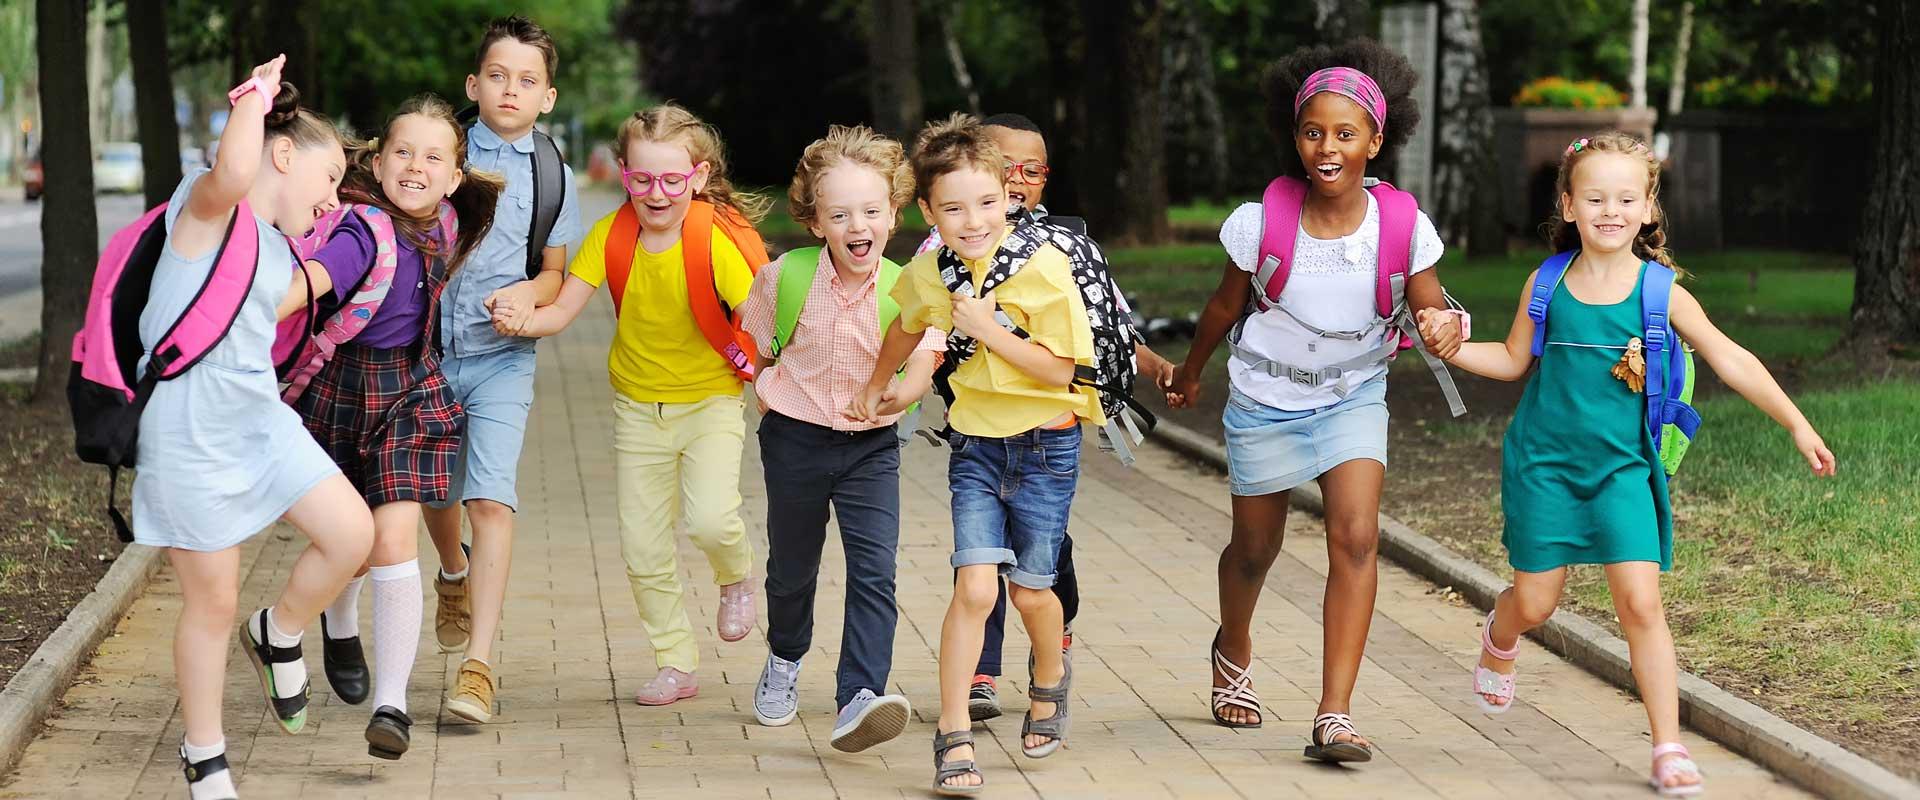 Gruppe von Grundschulkindern